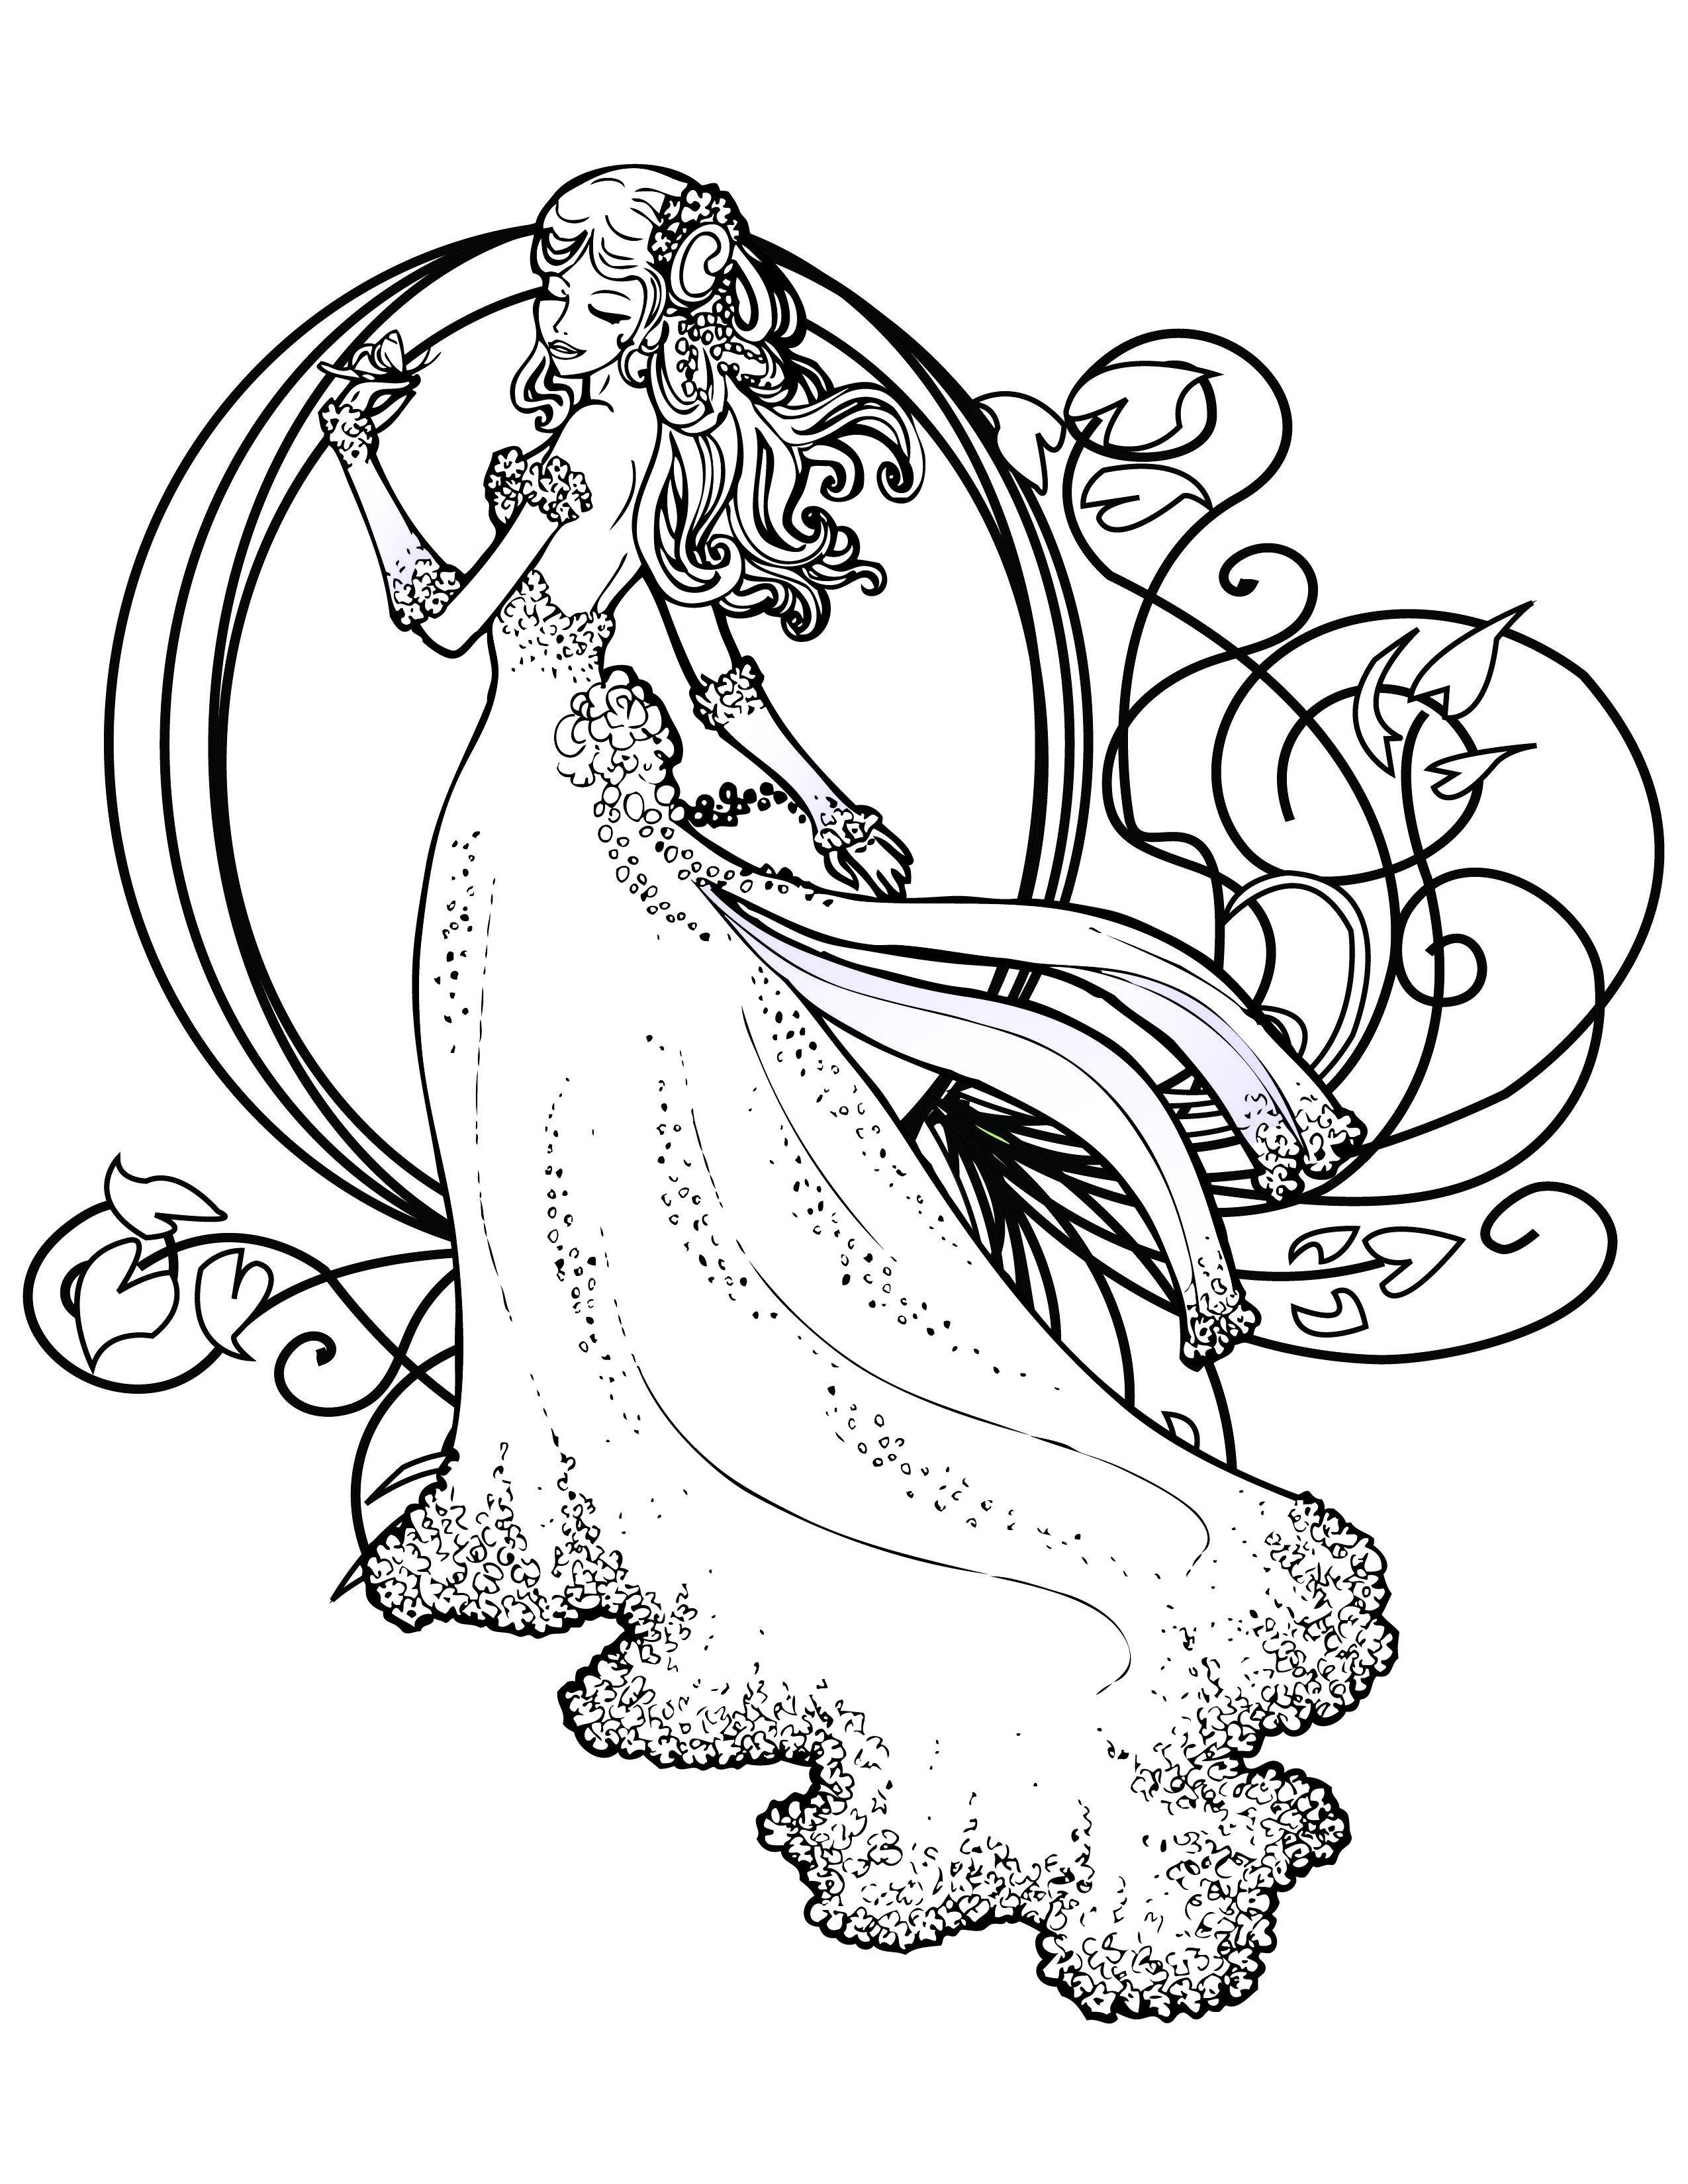 Coloriage De Princesse Disney Gratuit à Imprimer Coloring